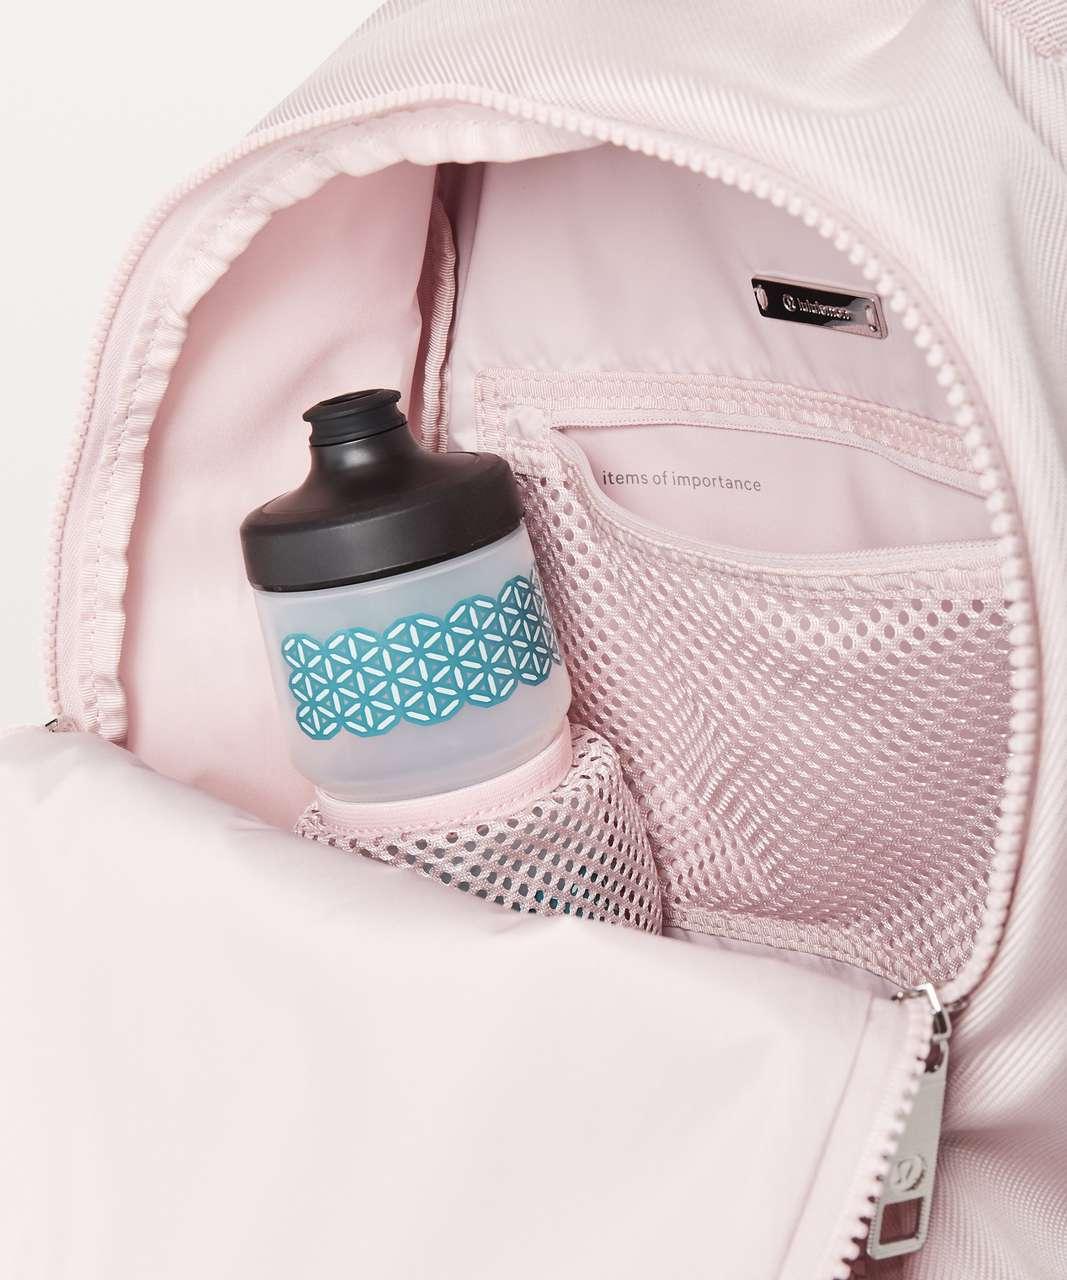 Lululemon City Adventurer Backpack *17L - Misty Pink (First Release)